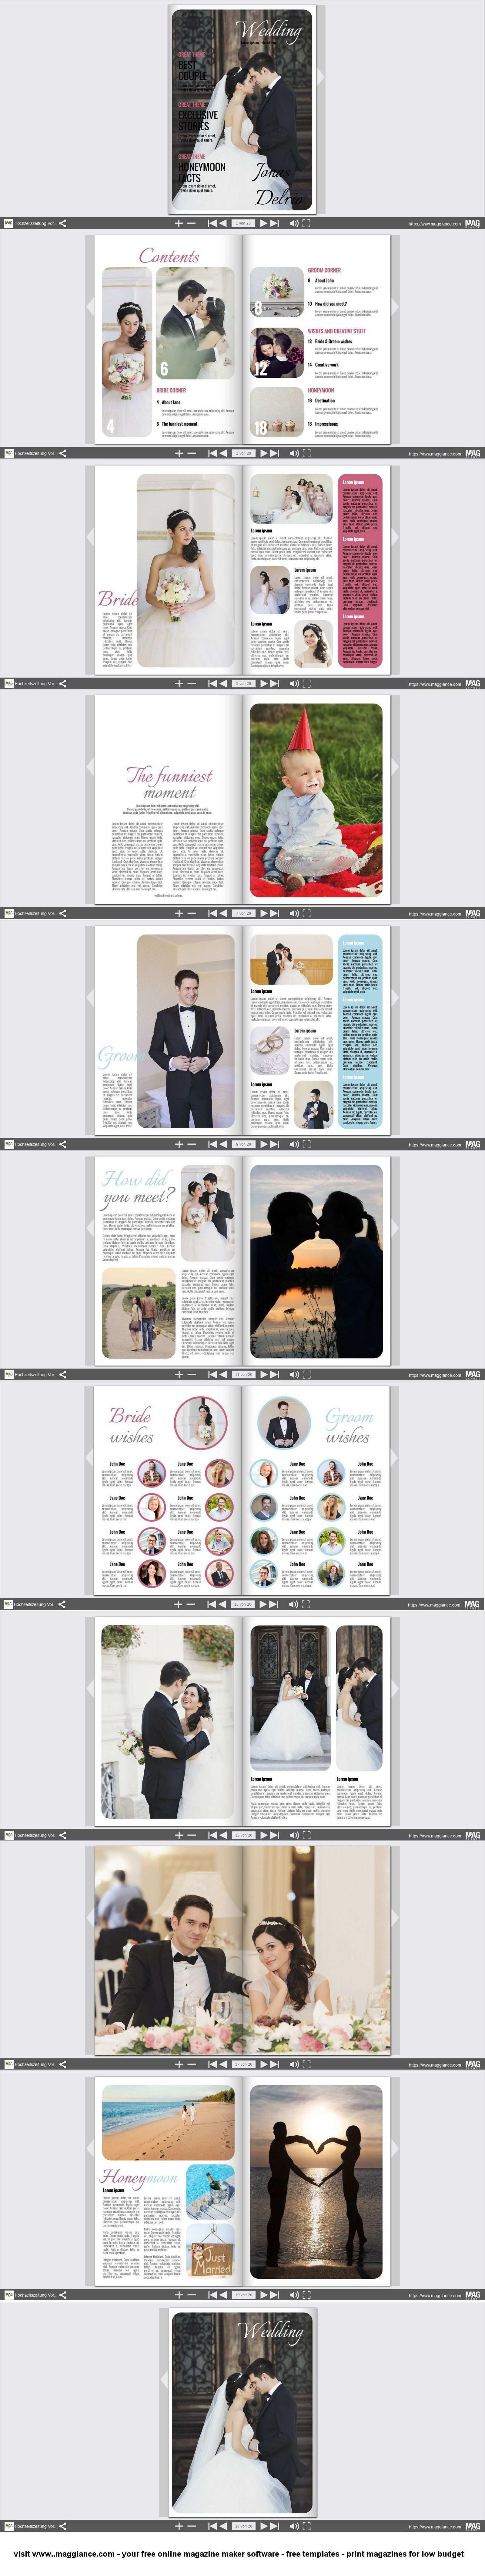 Hochzeitszeitung Kostenlos Online Erstellen Und Gunstig Drucken Unter Https De Magglance Com Hochze Hochzeitszeitung Trauzeugin Hochzeit Hochzeitszeitschrift